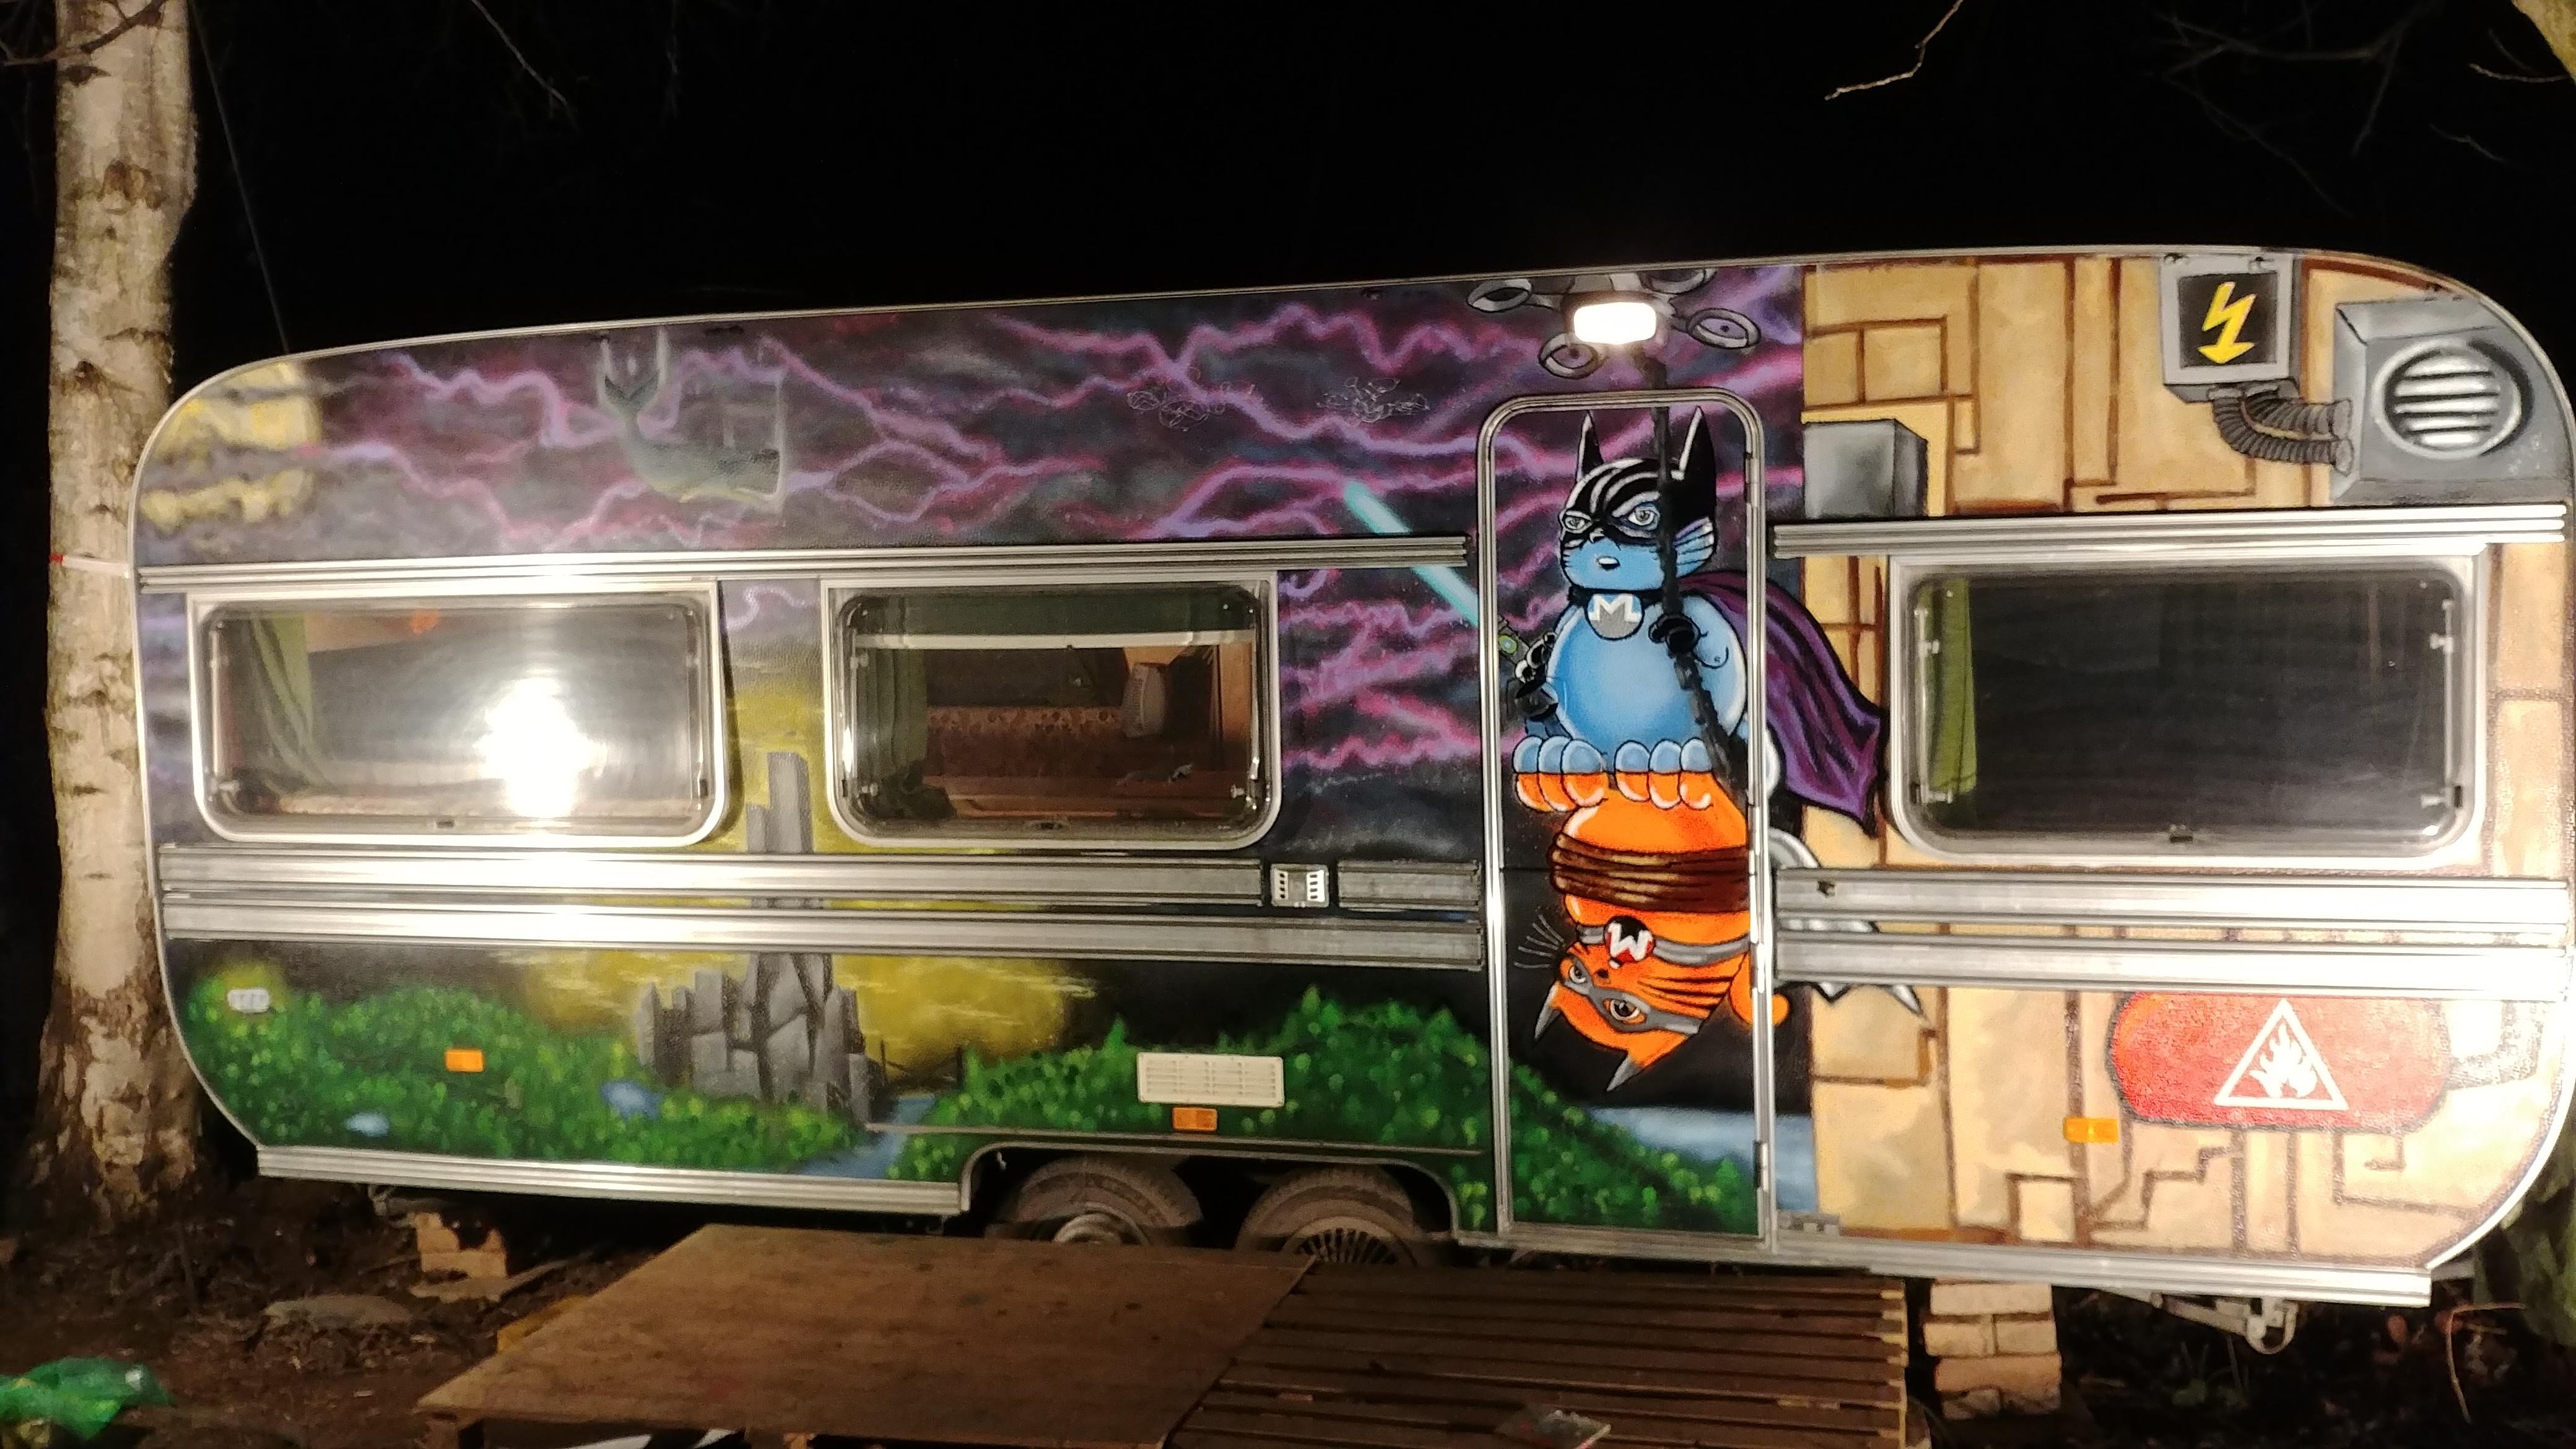 Ein schönher Wohnwagen bei Nacht